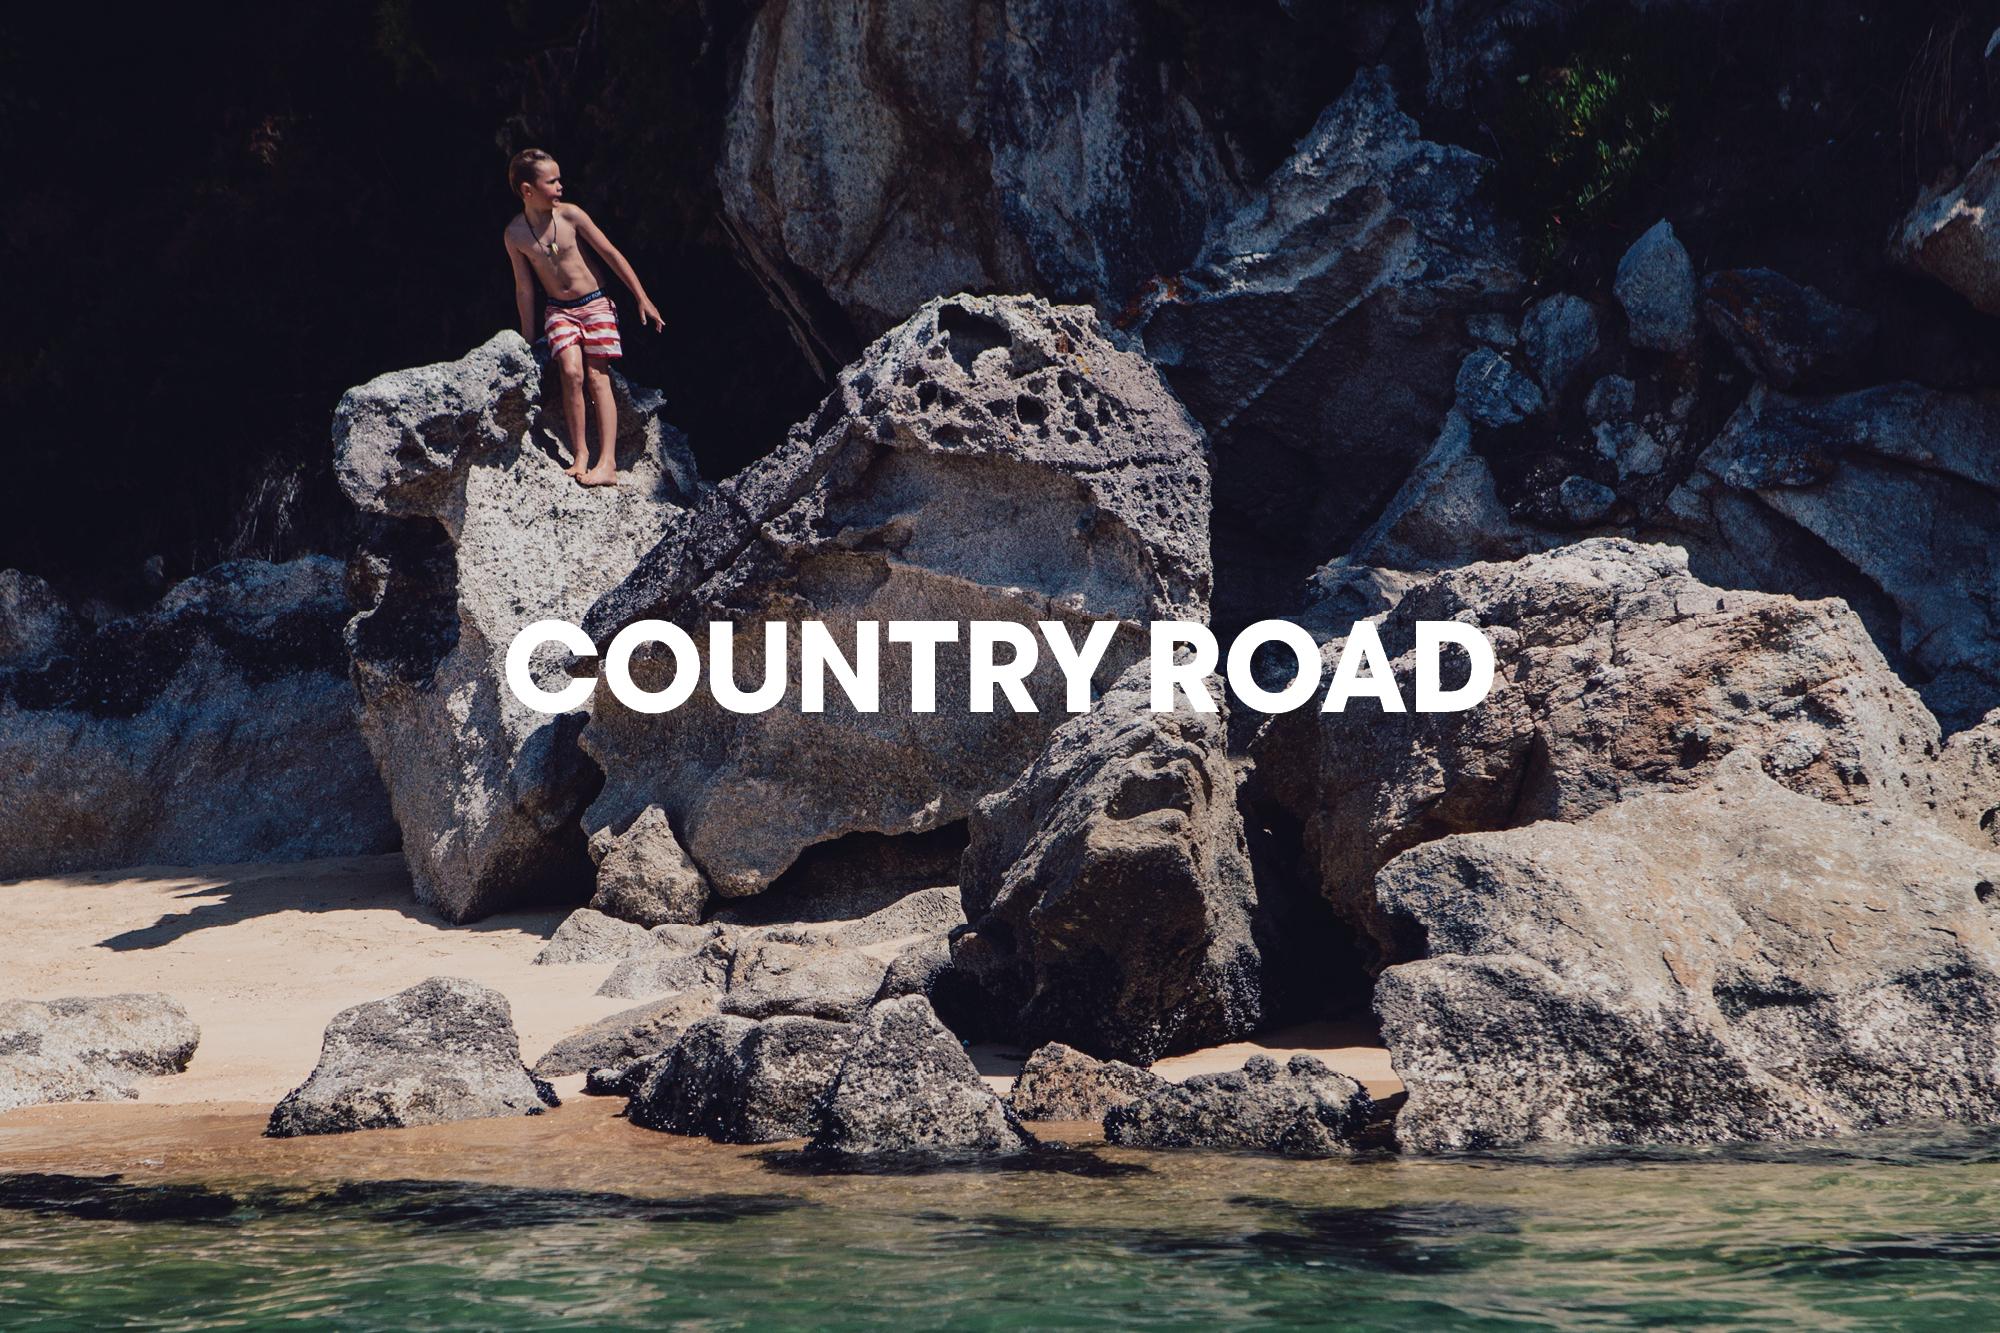 OYH_CountryRoad_Tasman.jpg